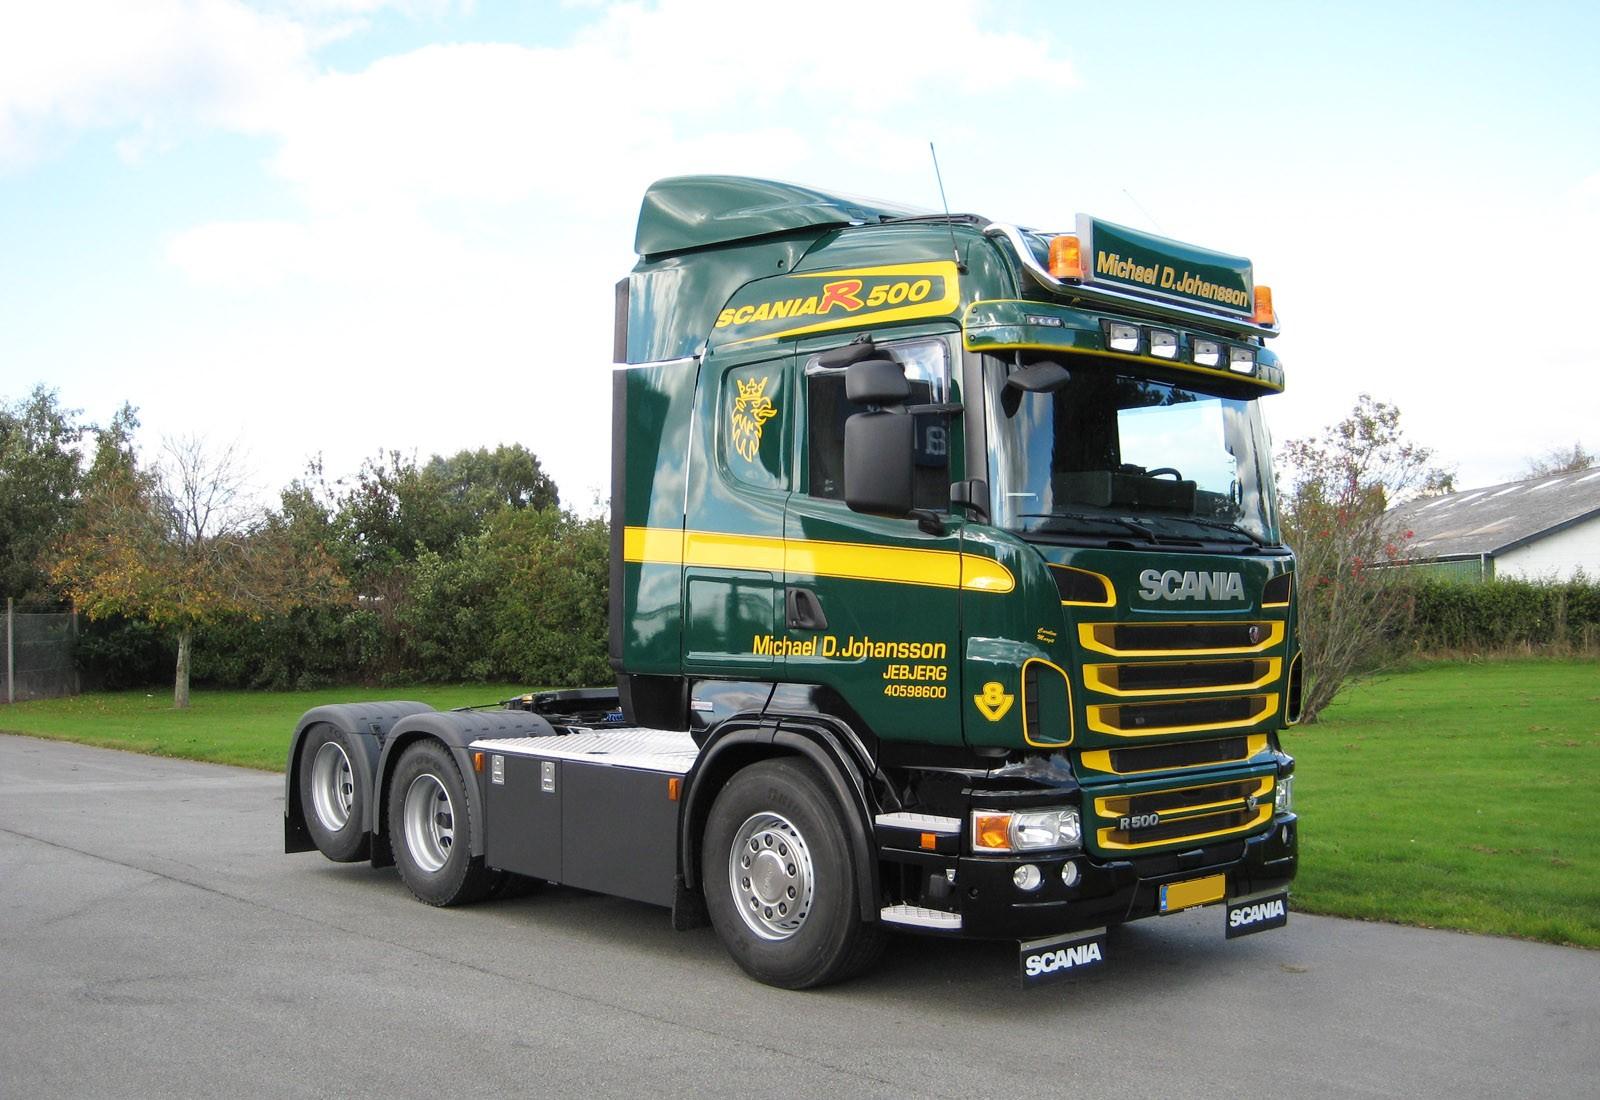 AeroSlimLED® lysskilt monteret på lastbil